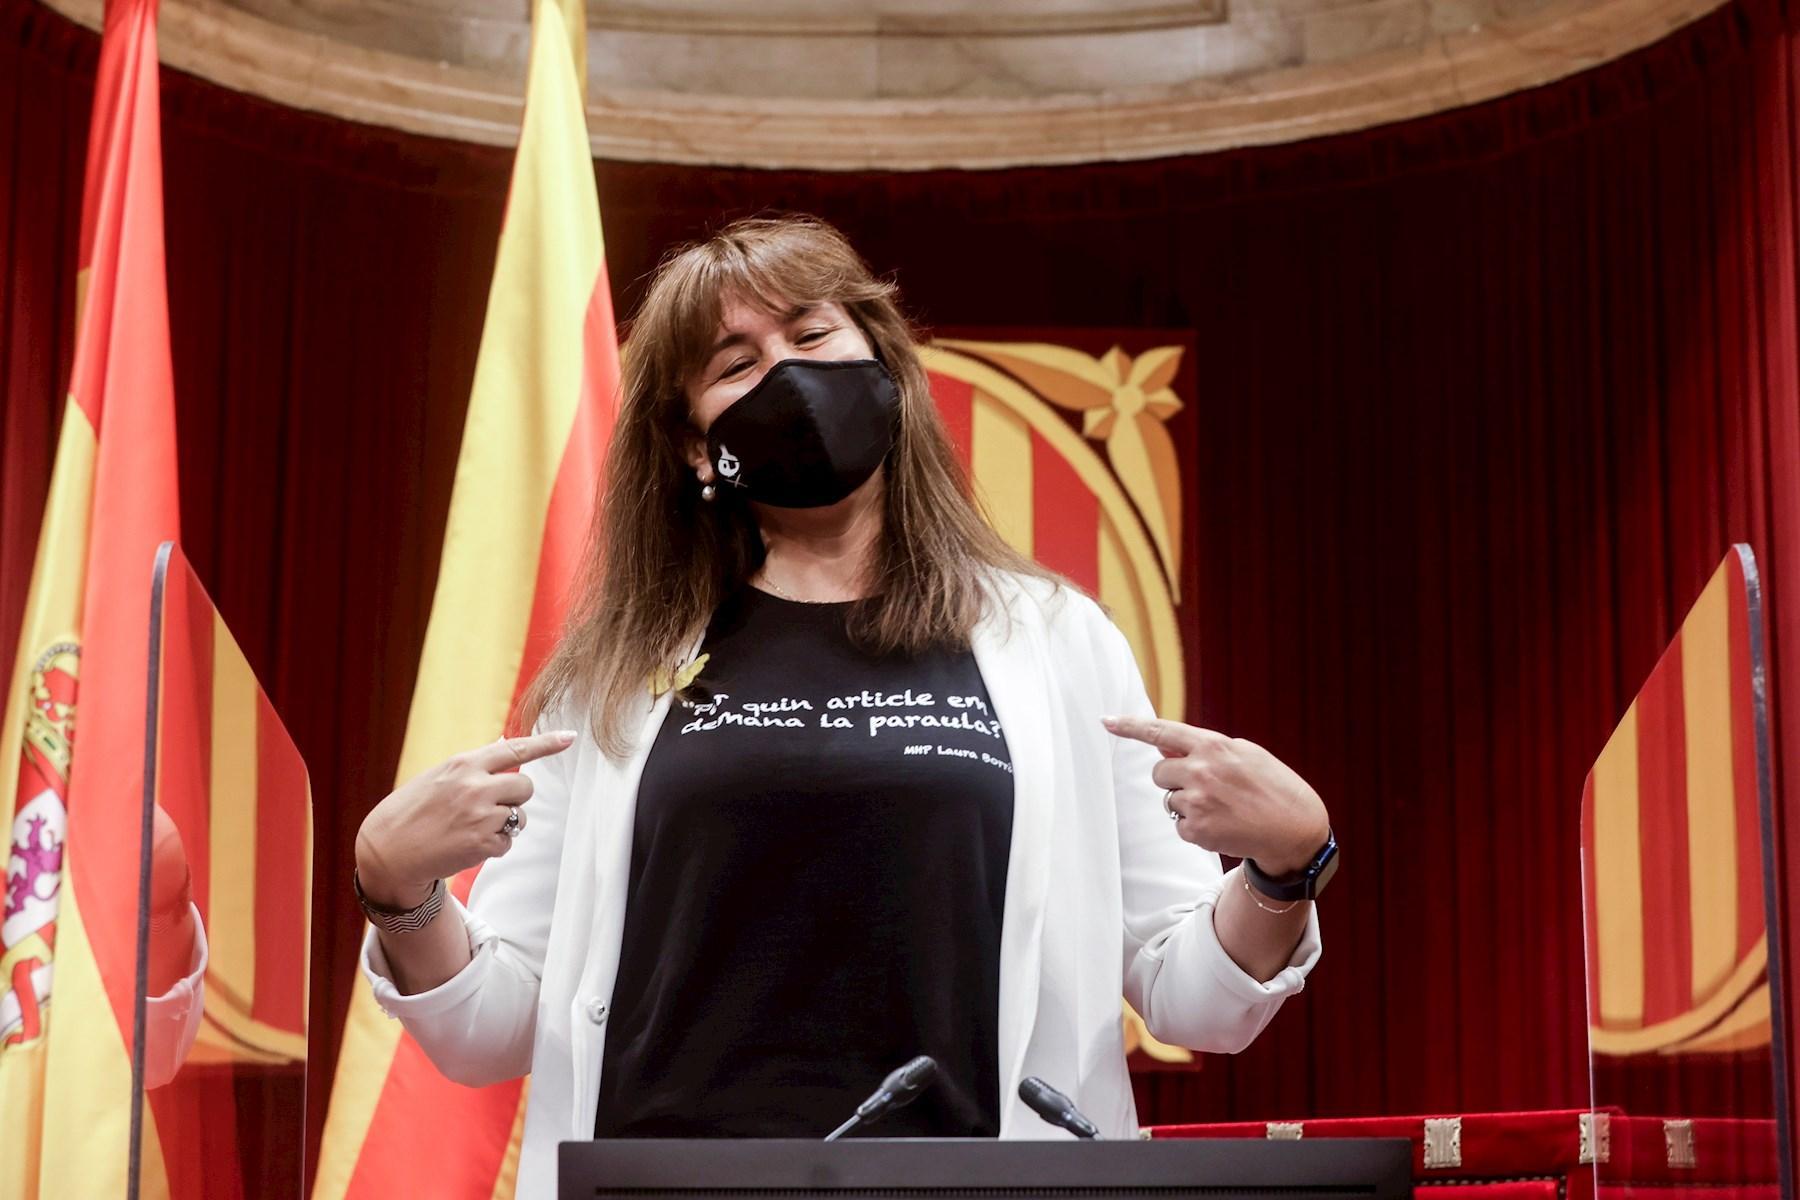 Impulso Ciudadano Reprueba El Desprecio Al Pluralismo Lingüístico Y Social De Laura Borràs